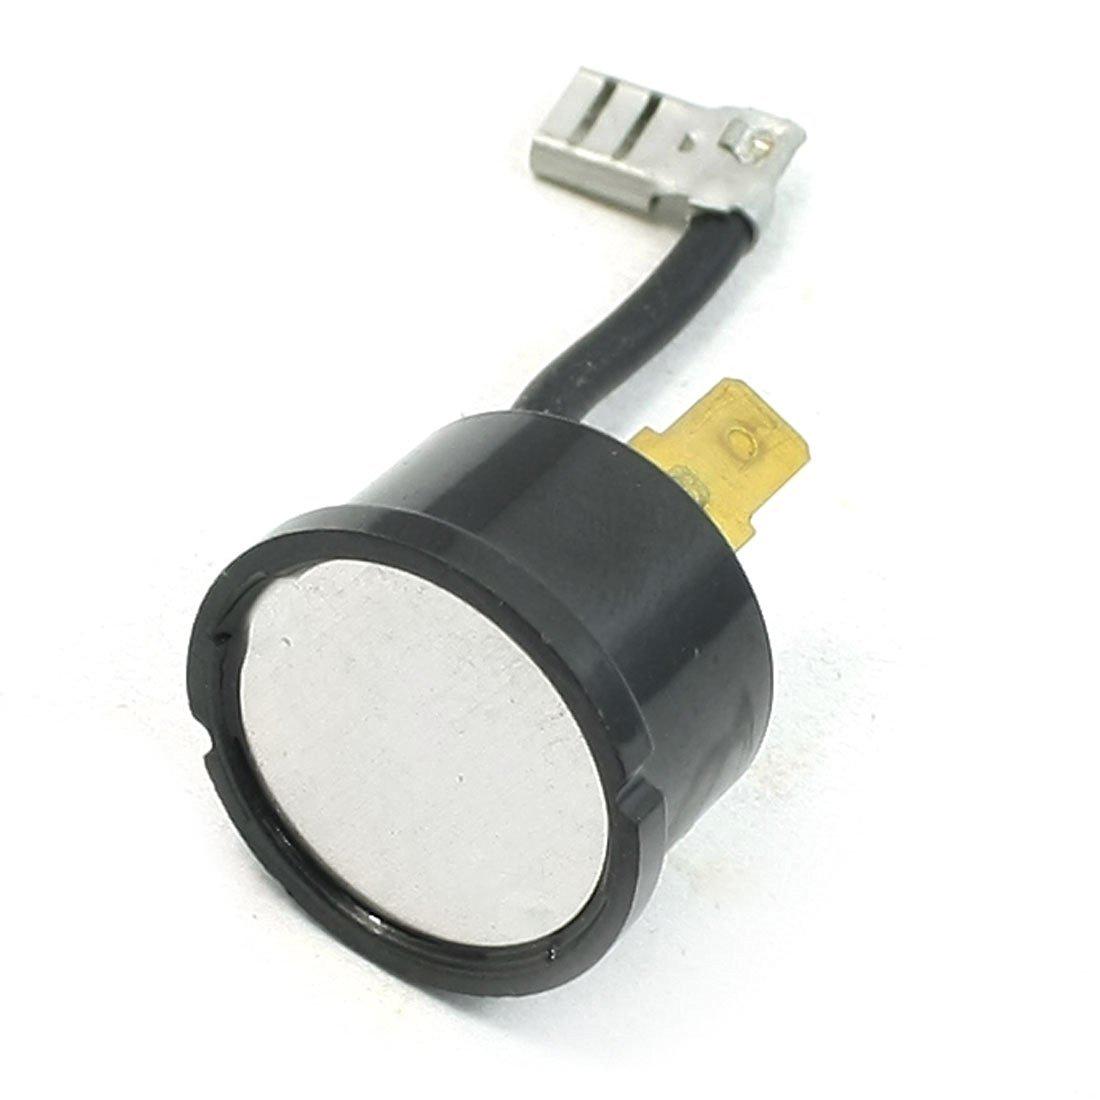 Protector de sobrecarga del compresor compra lotes - Compresor de aire baratos ...